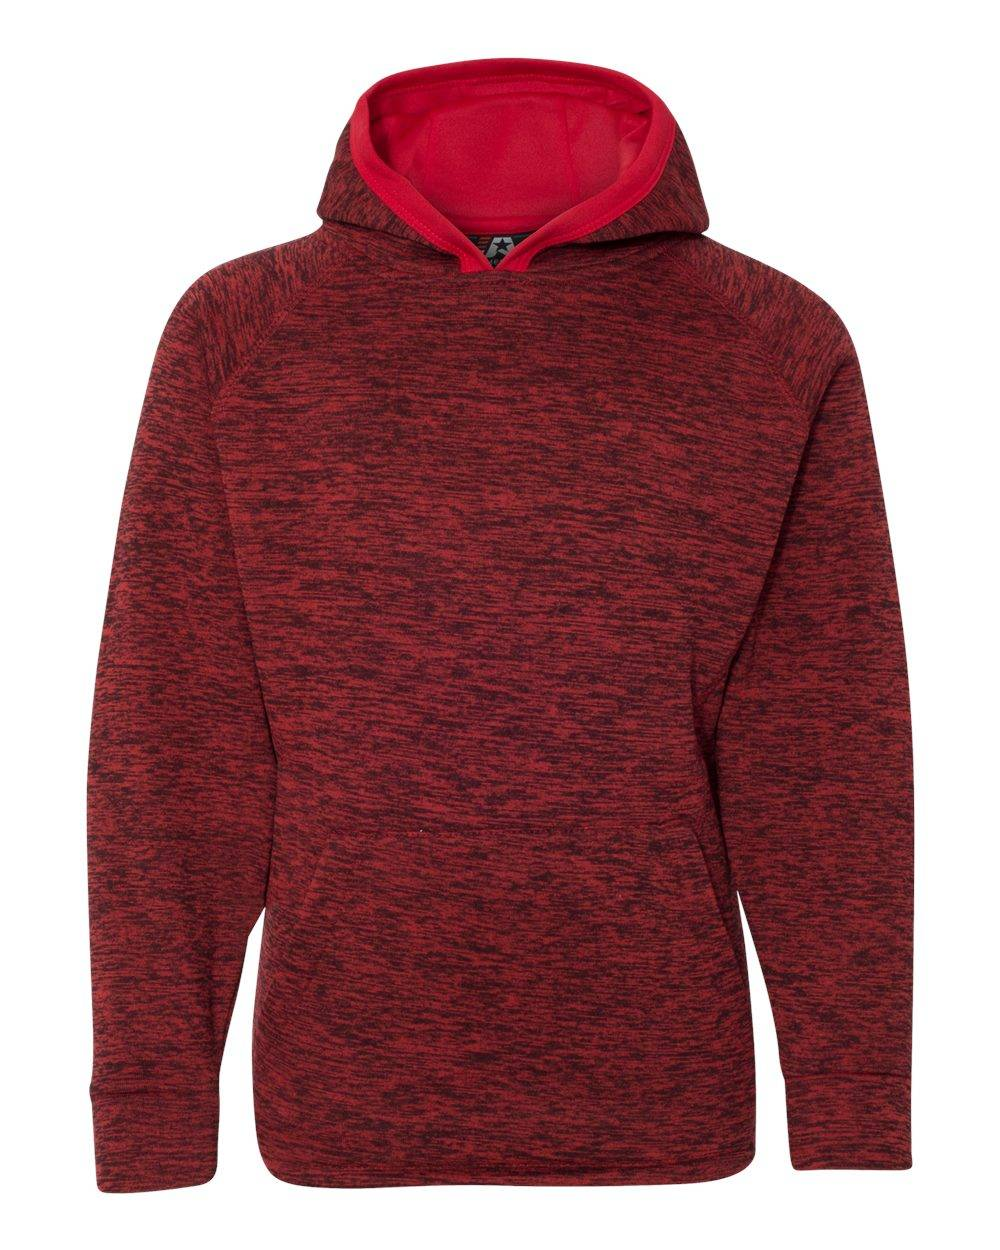 Fleece Youth Cosmic Fleece Hooded Pullover Sweatshirt